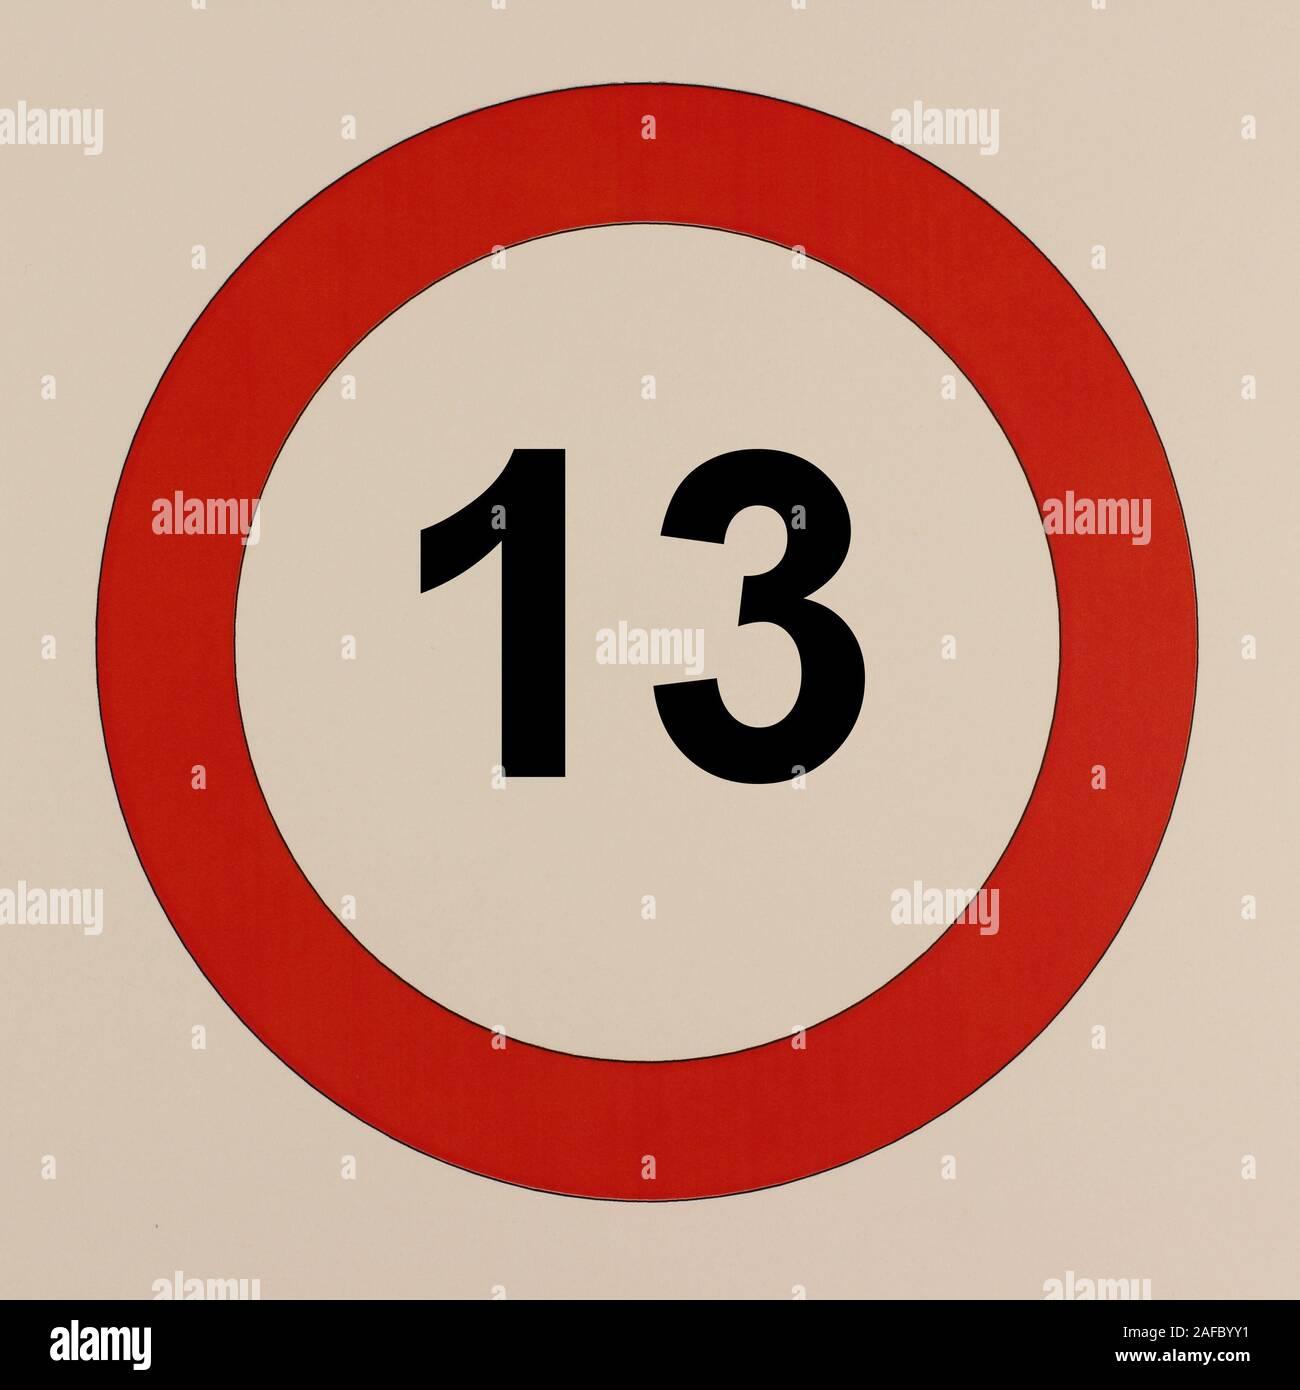 """Illustration des Straßenverkehrszeichen """"Maximale Geschwindigkeit  13 Stundenkilometer"""" Stock Photo"""